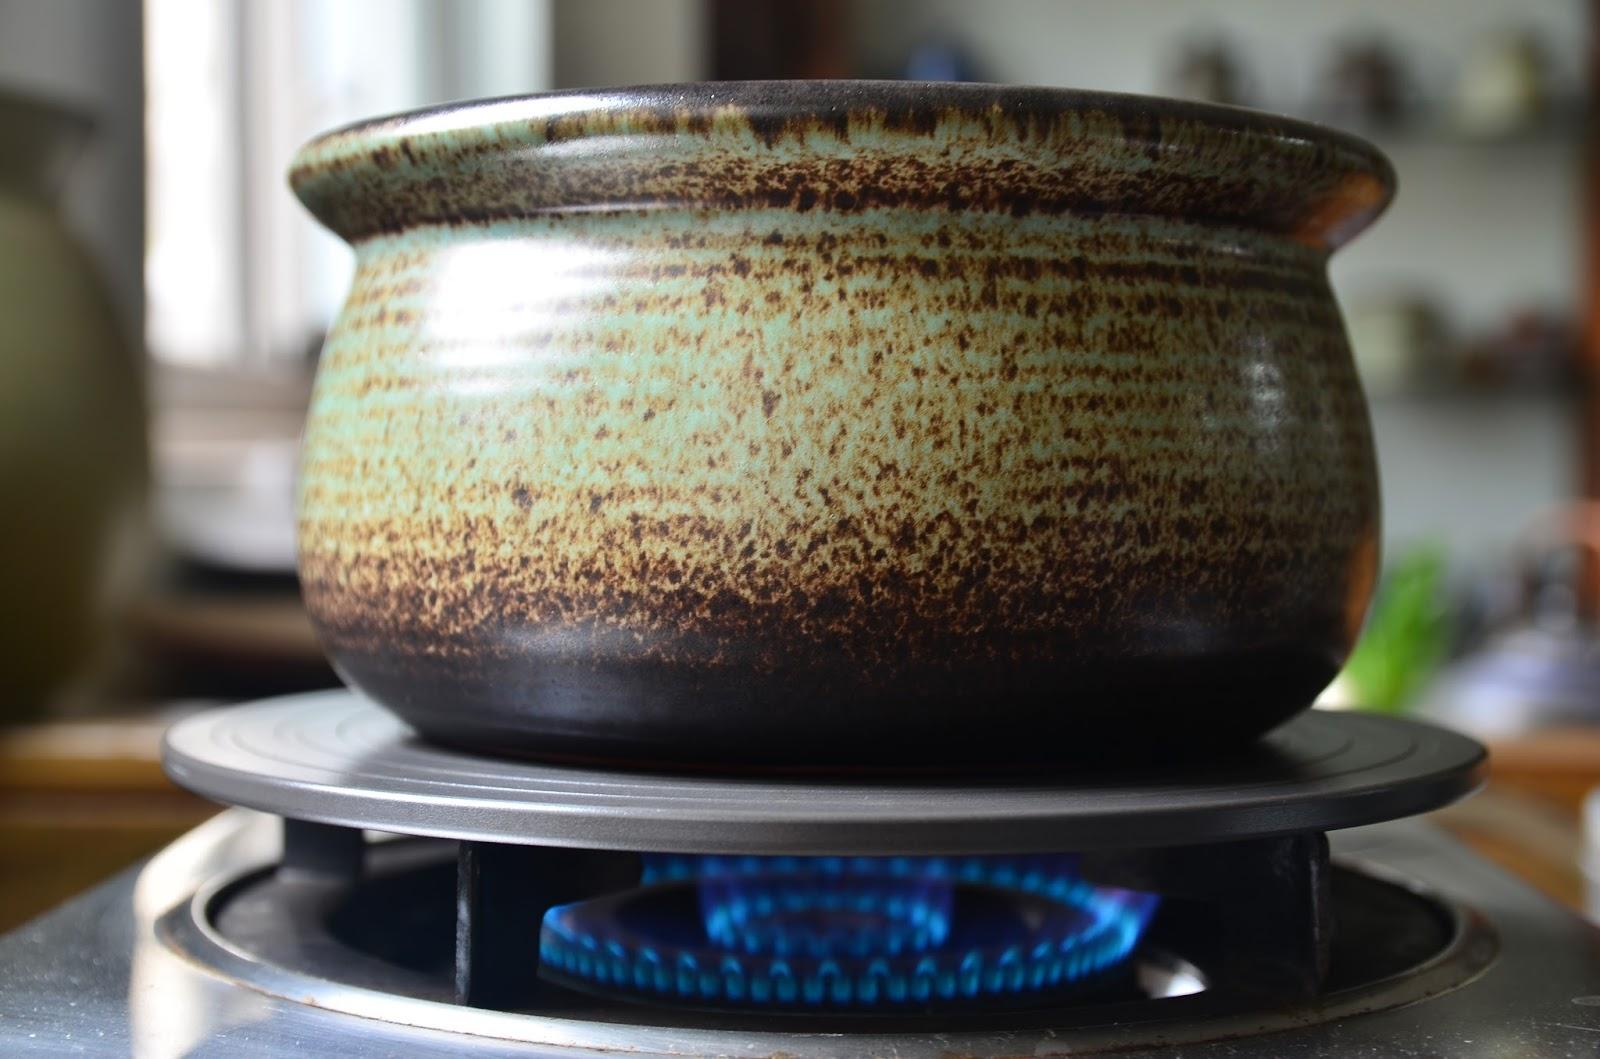 楓樹陶坊 MaplePottery: 陶鍋使用節能板的優缺點